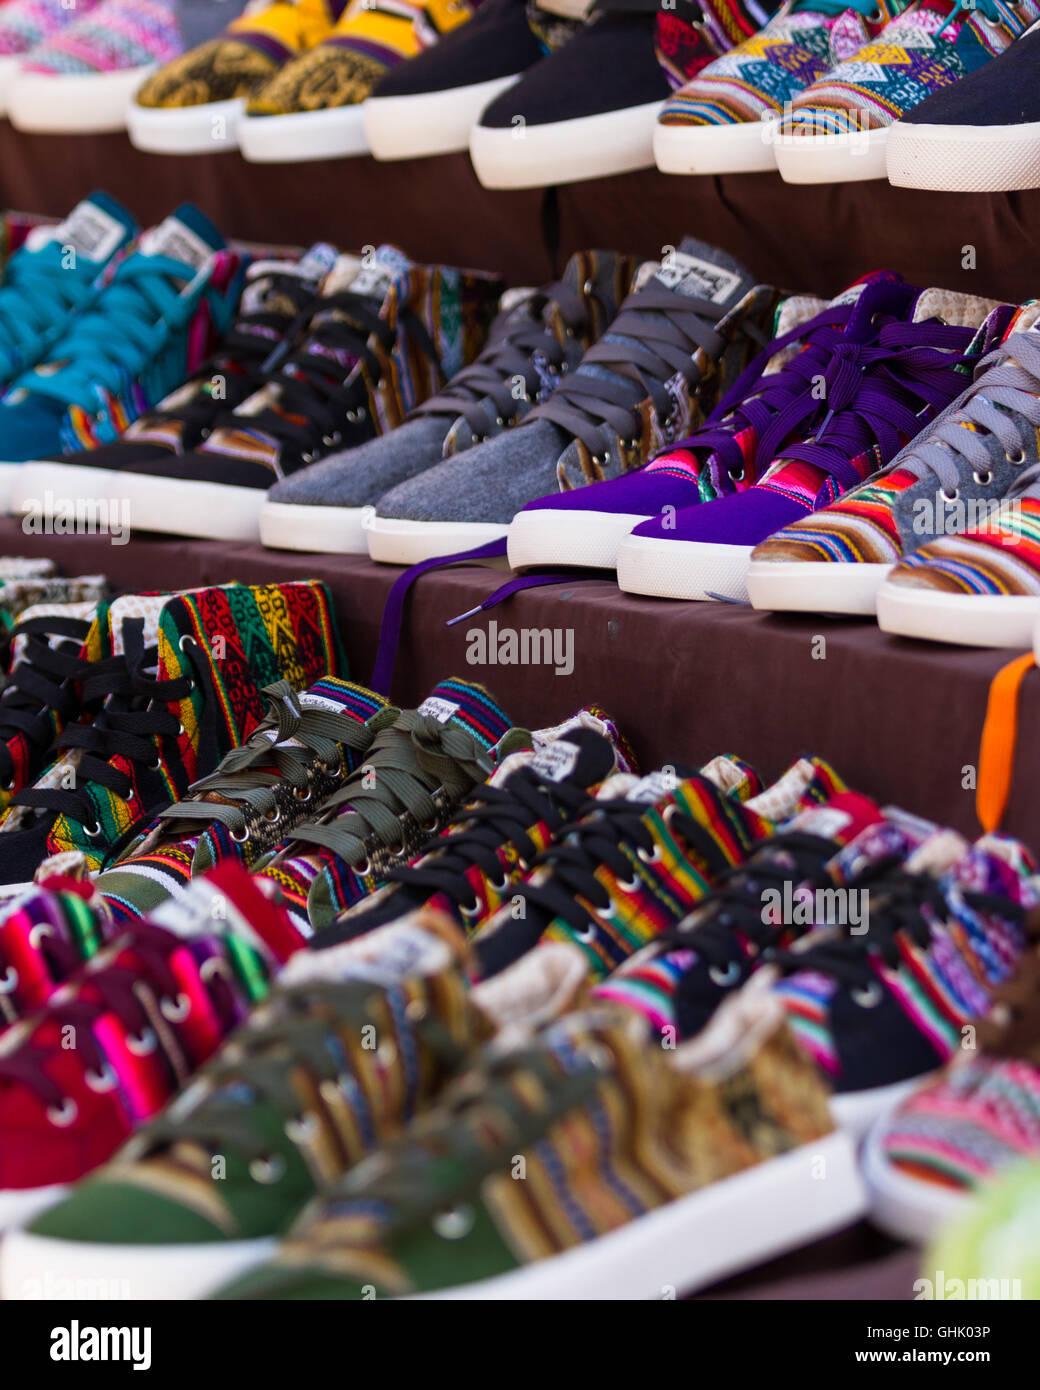 Chaussure Chaussure Cher Peruvienne Chaussure Pas Pas Pas Cher Cher Chaussure Peruvienne Peruvienne Peruvienne 354RLAj